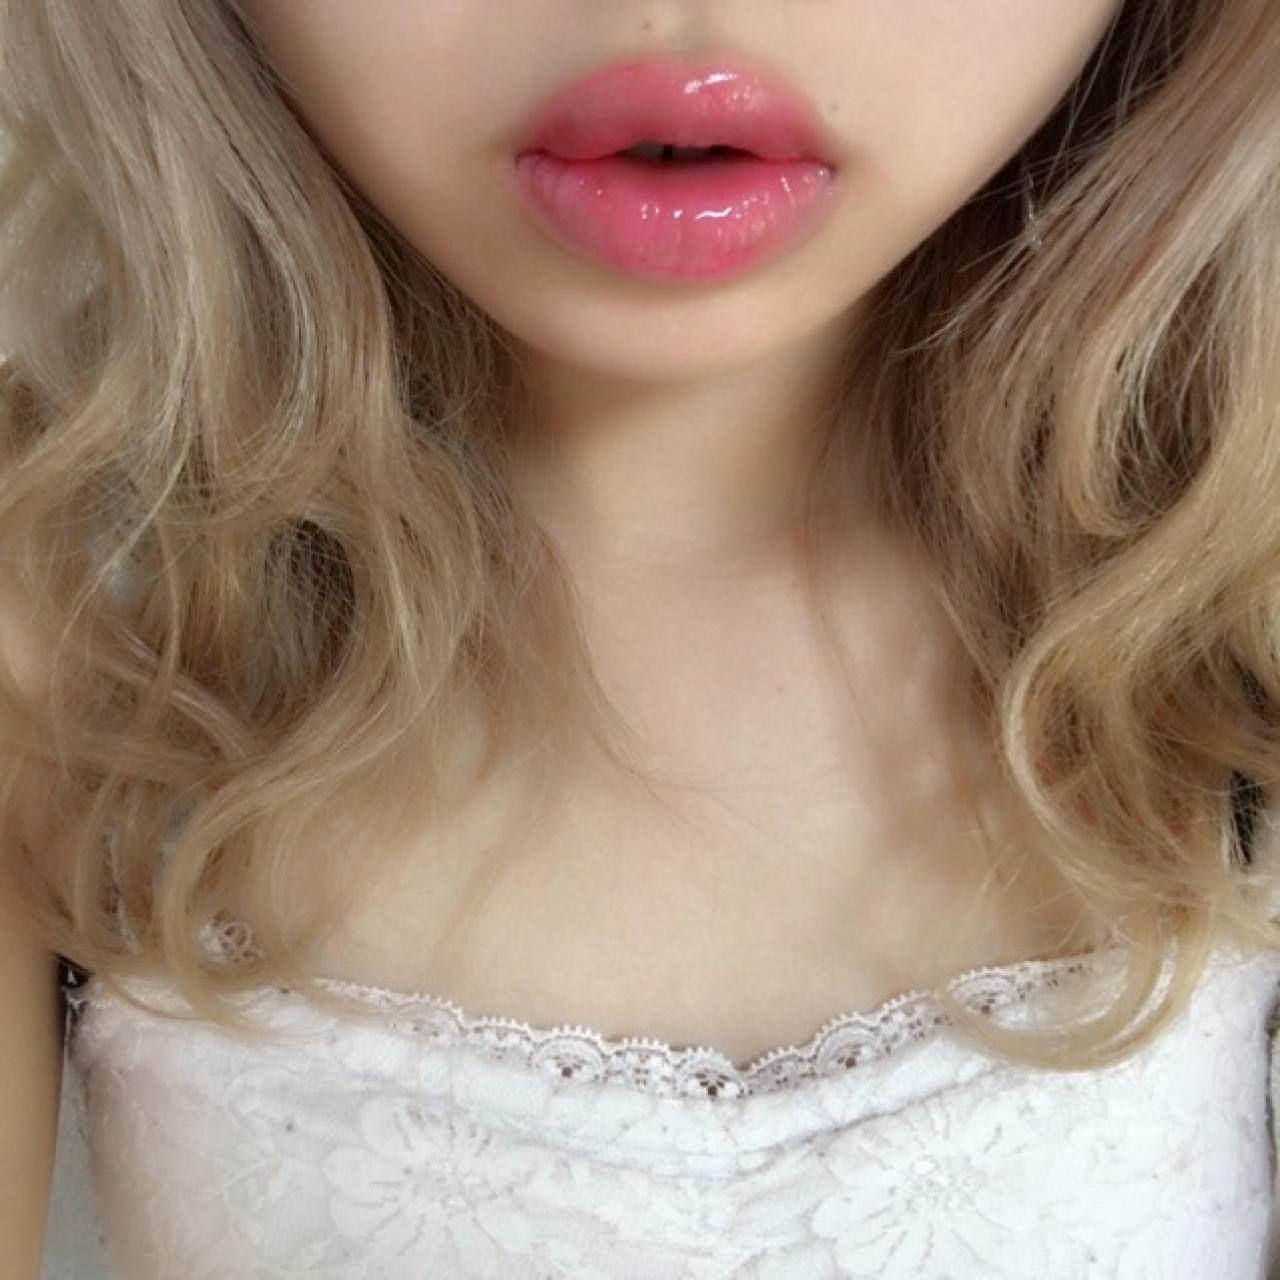 ぷっくり リップ 口紅 唇 男ウケ モテ ディオール アディクトリップマキシマイザー